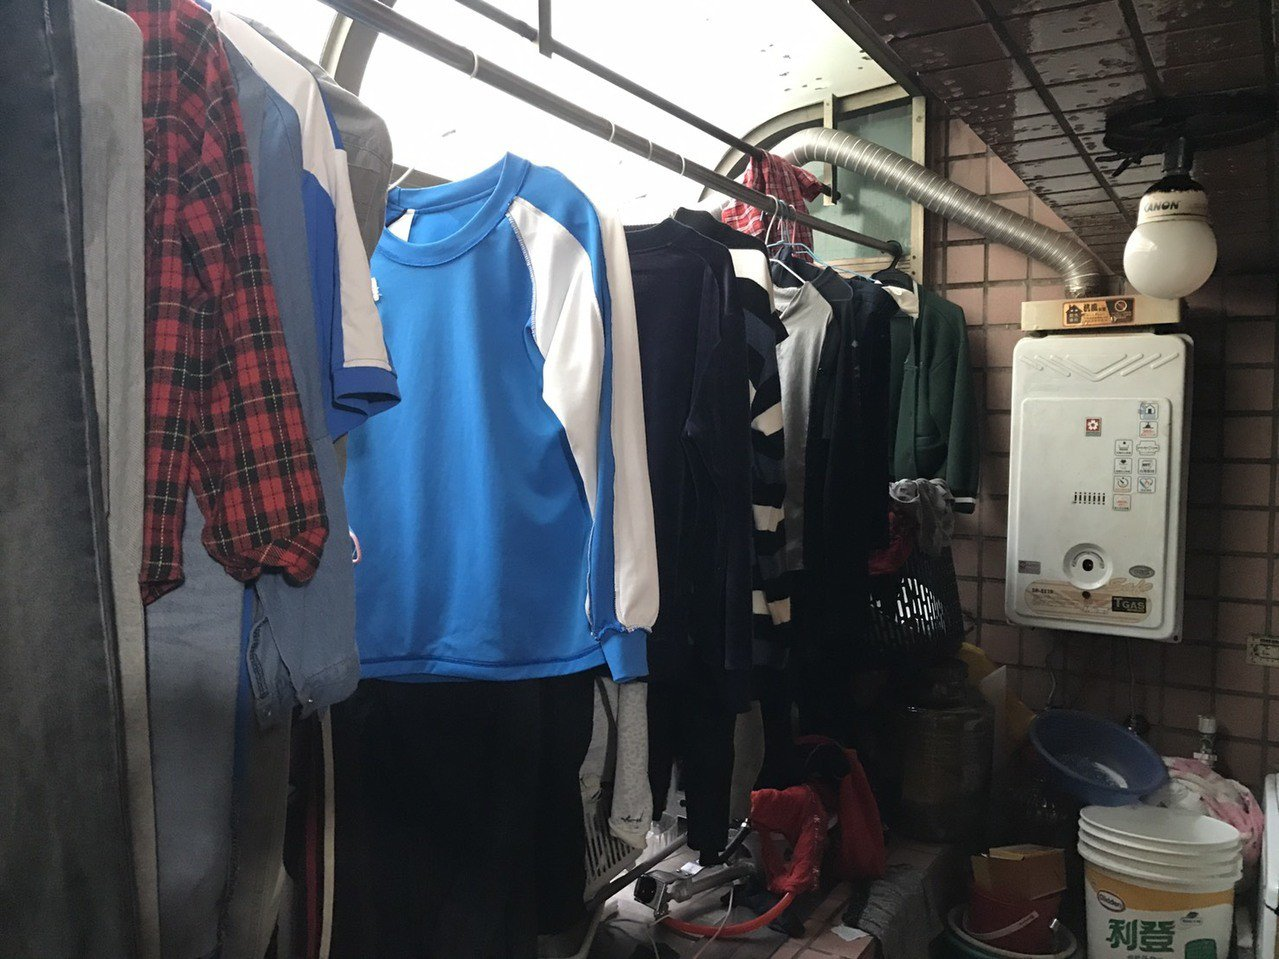 熱水器安裝在陽台上,晾有太多衣物會造成對流不佳,恐釀一氧化碳中毒意外。圖/新竹市...